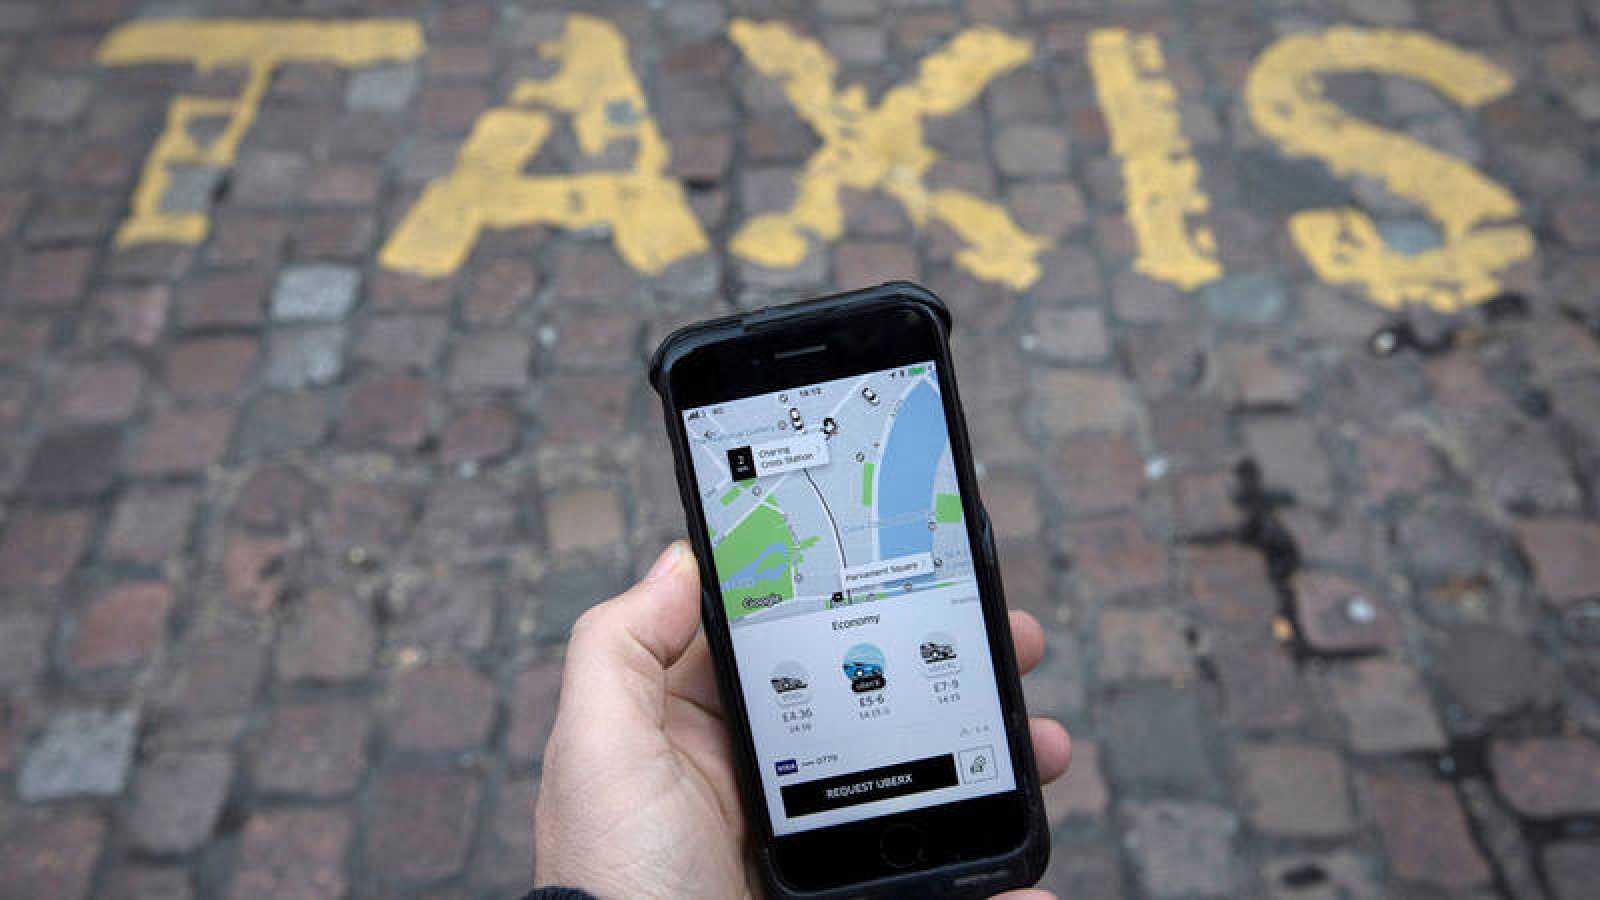 Un móvil con la aplicación de Uber abierta en una parada de taxis